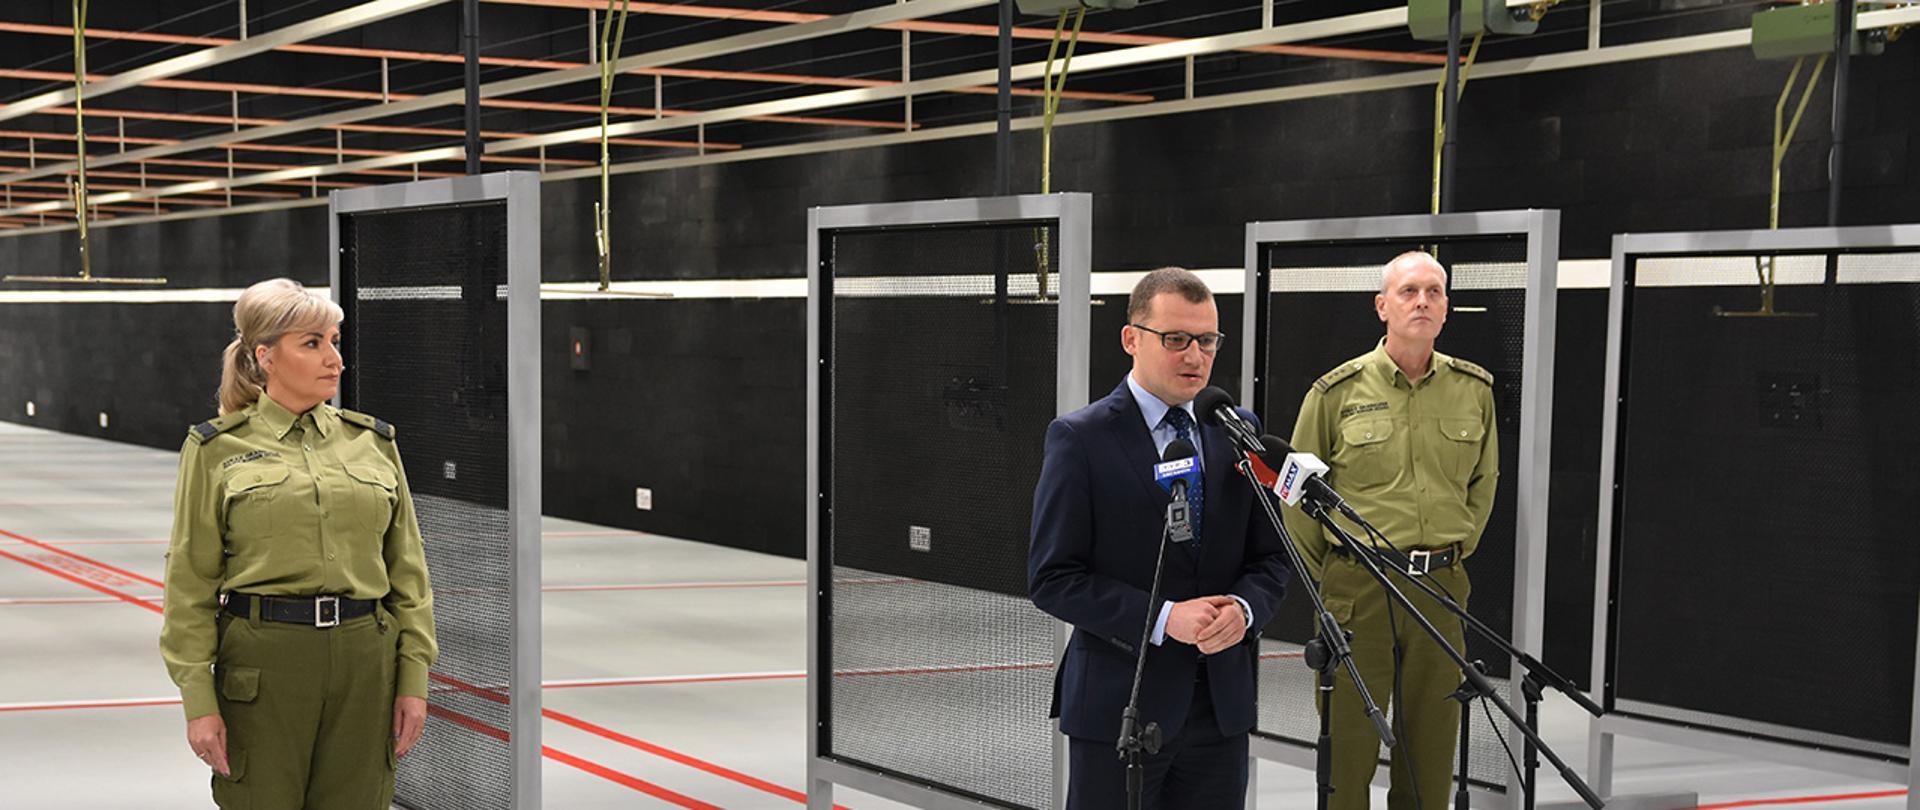 Otwarcie strzelnicy w Centralnym Ośrodku Szkolenia Straży Granicznej w Koszalinie